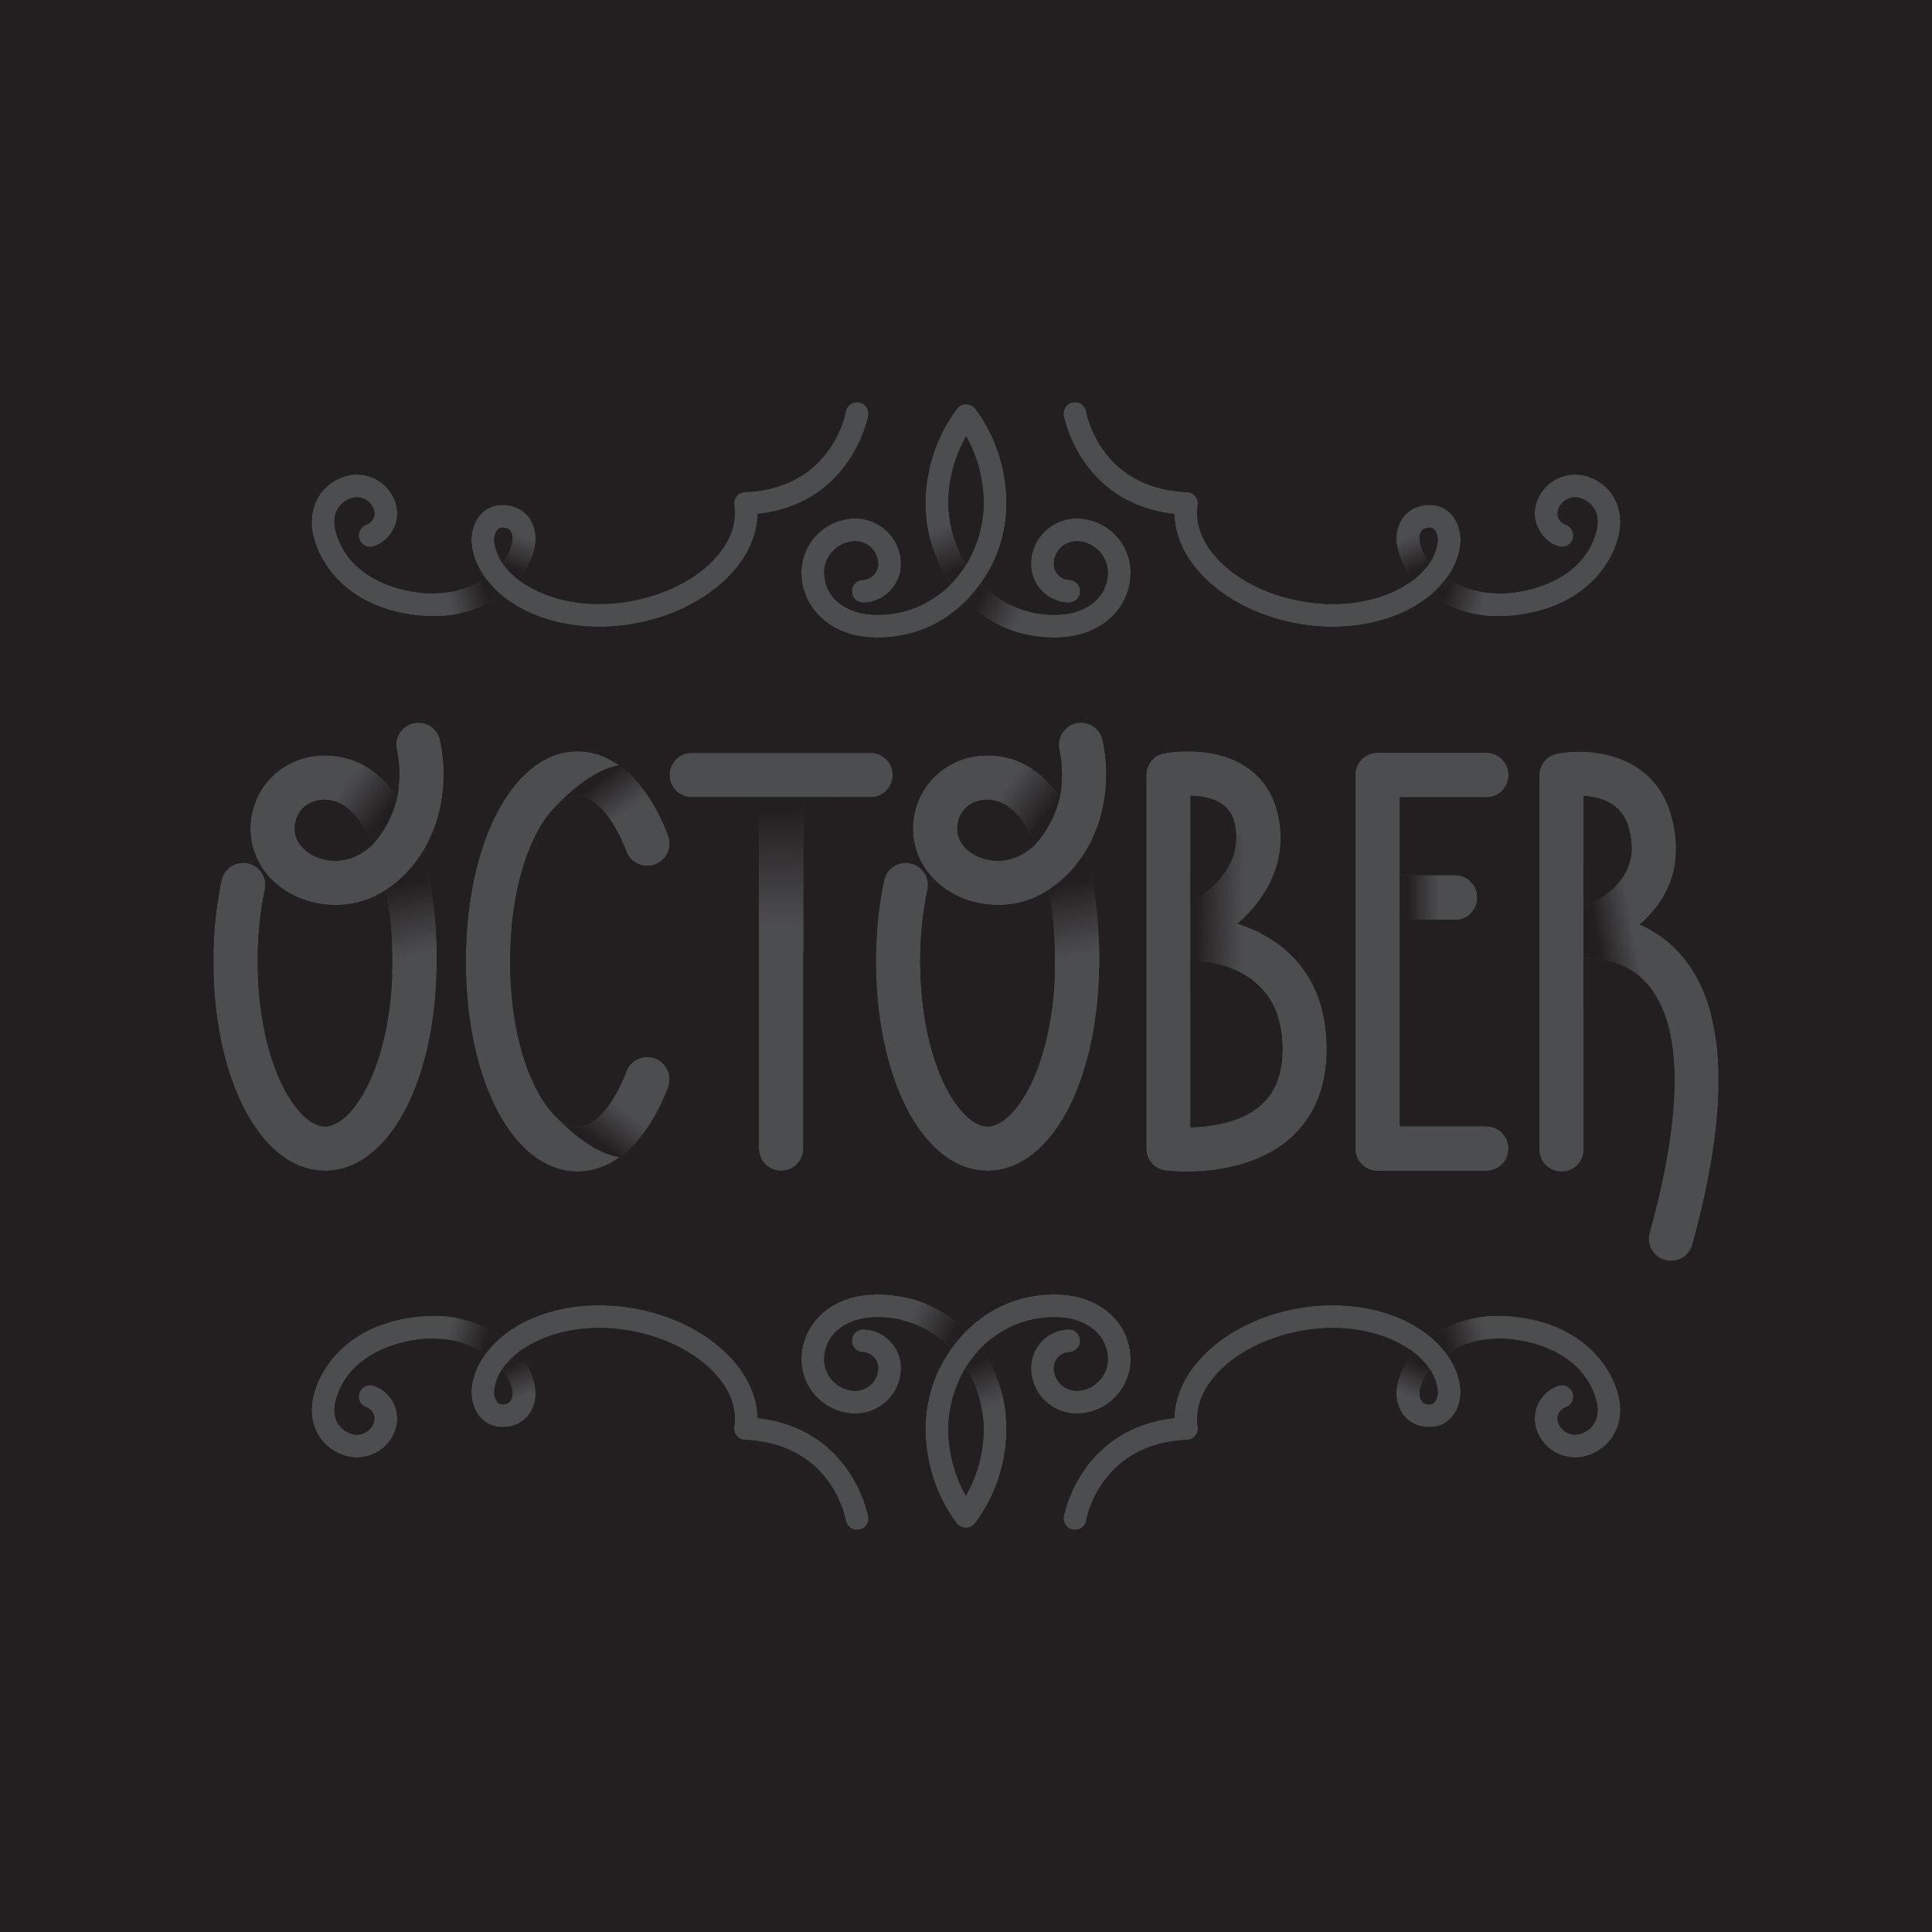 October-01.jpg